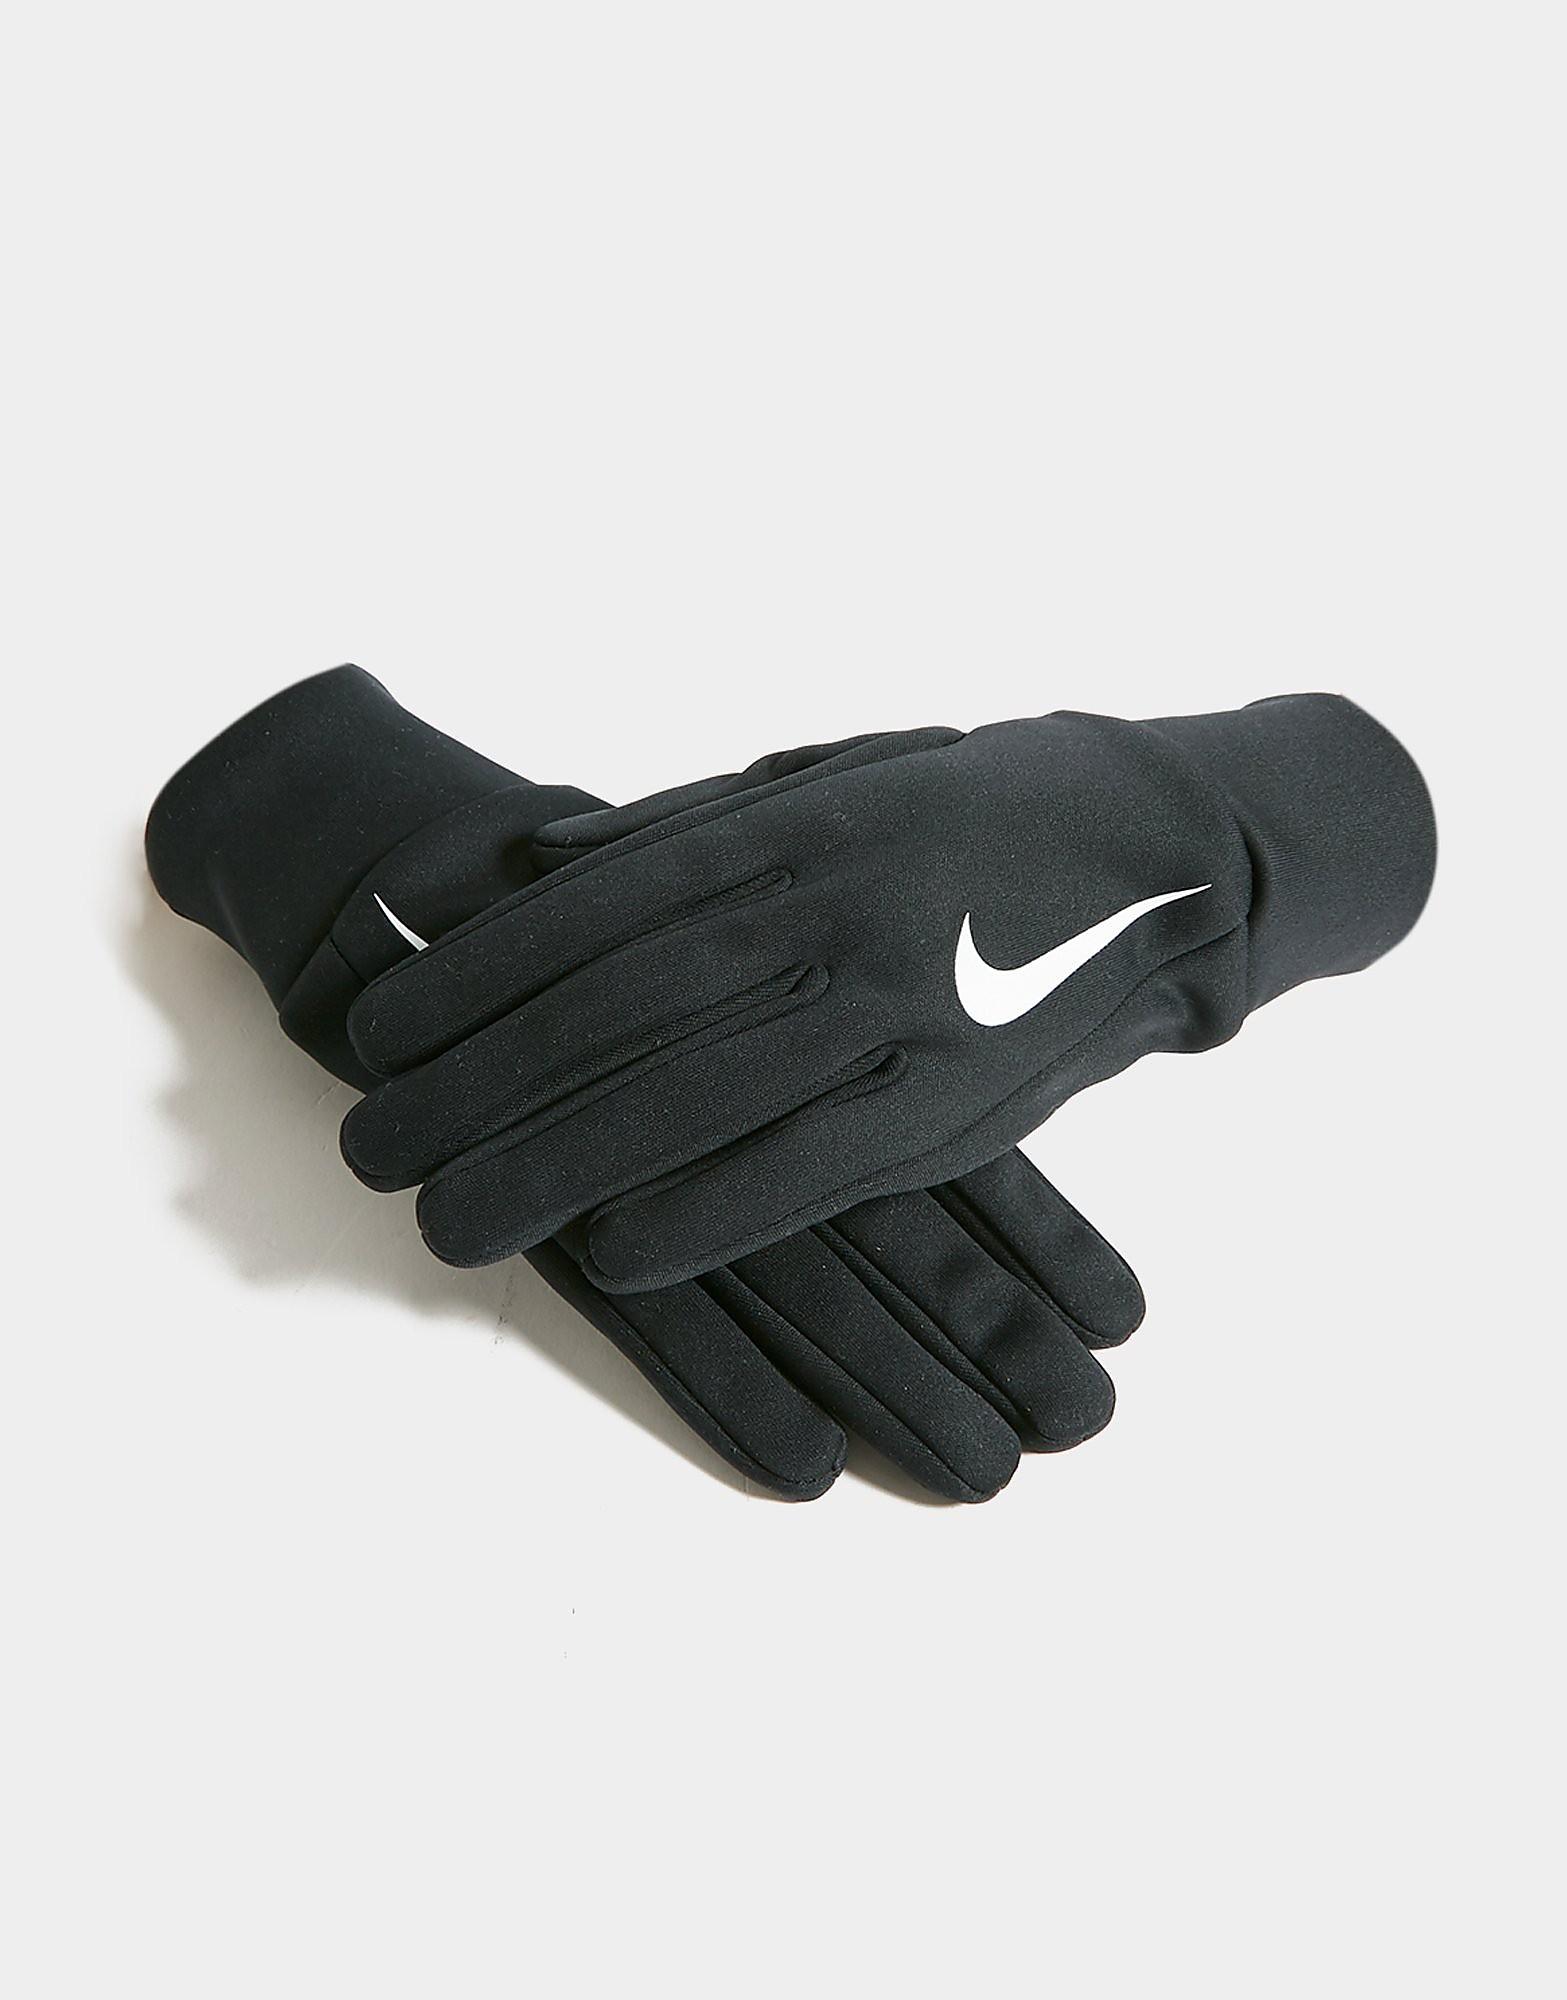 Nike Hyperwarm Handsker